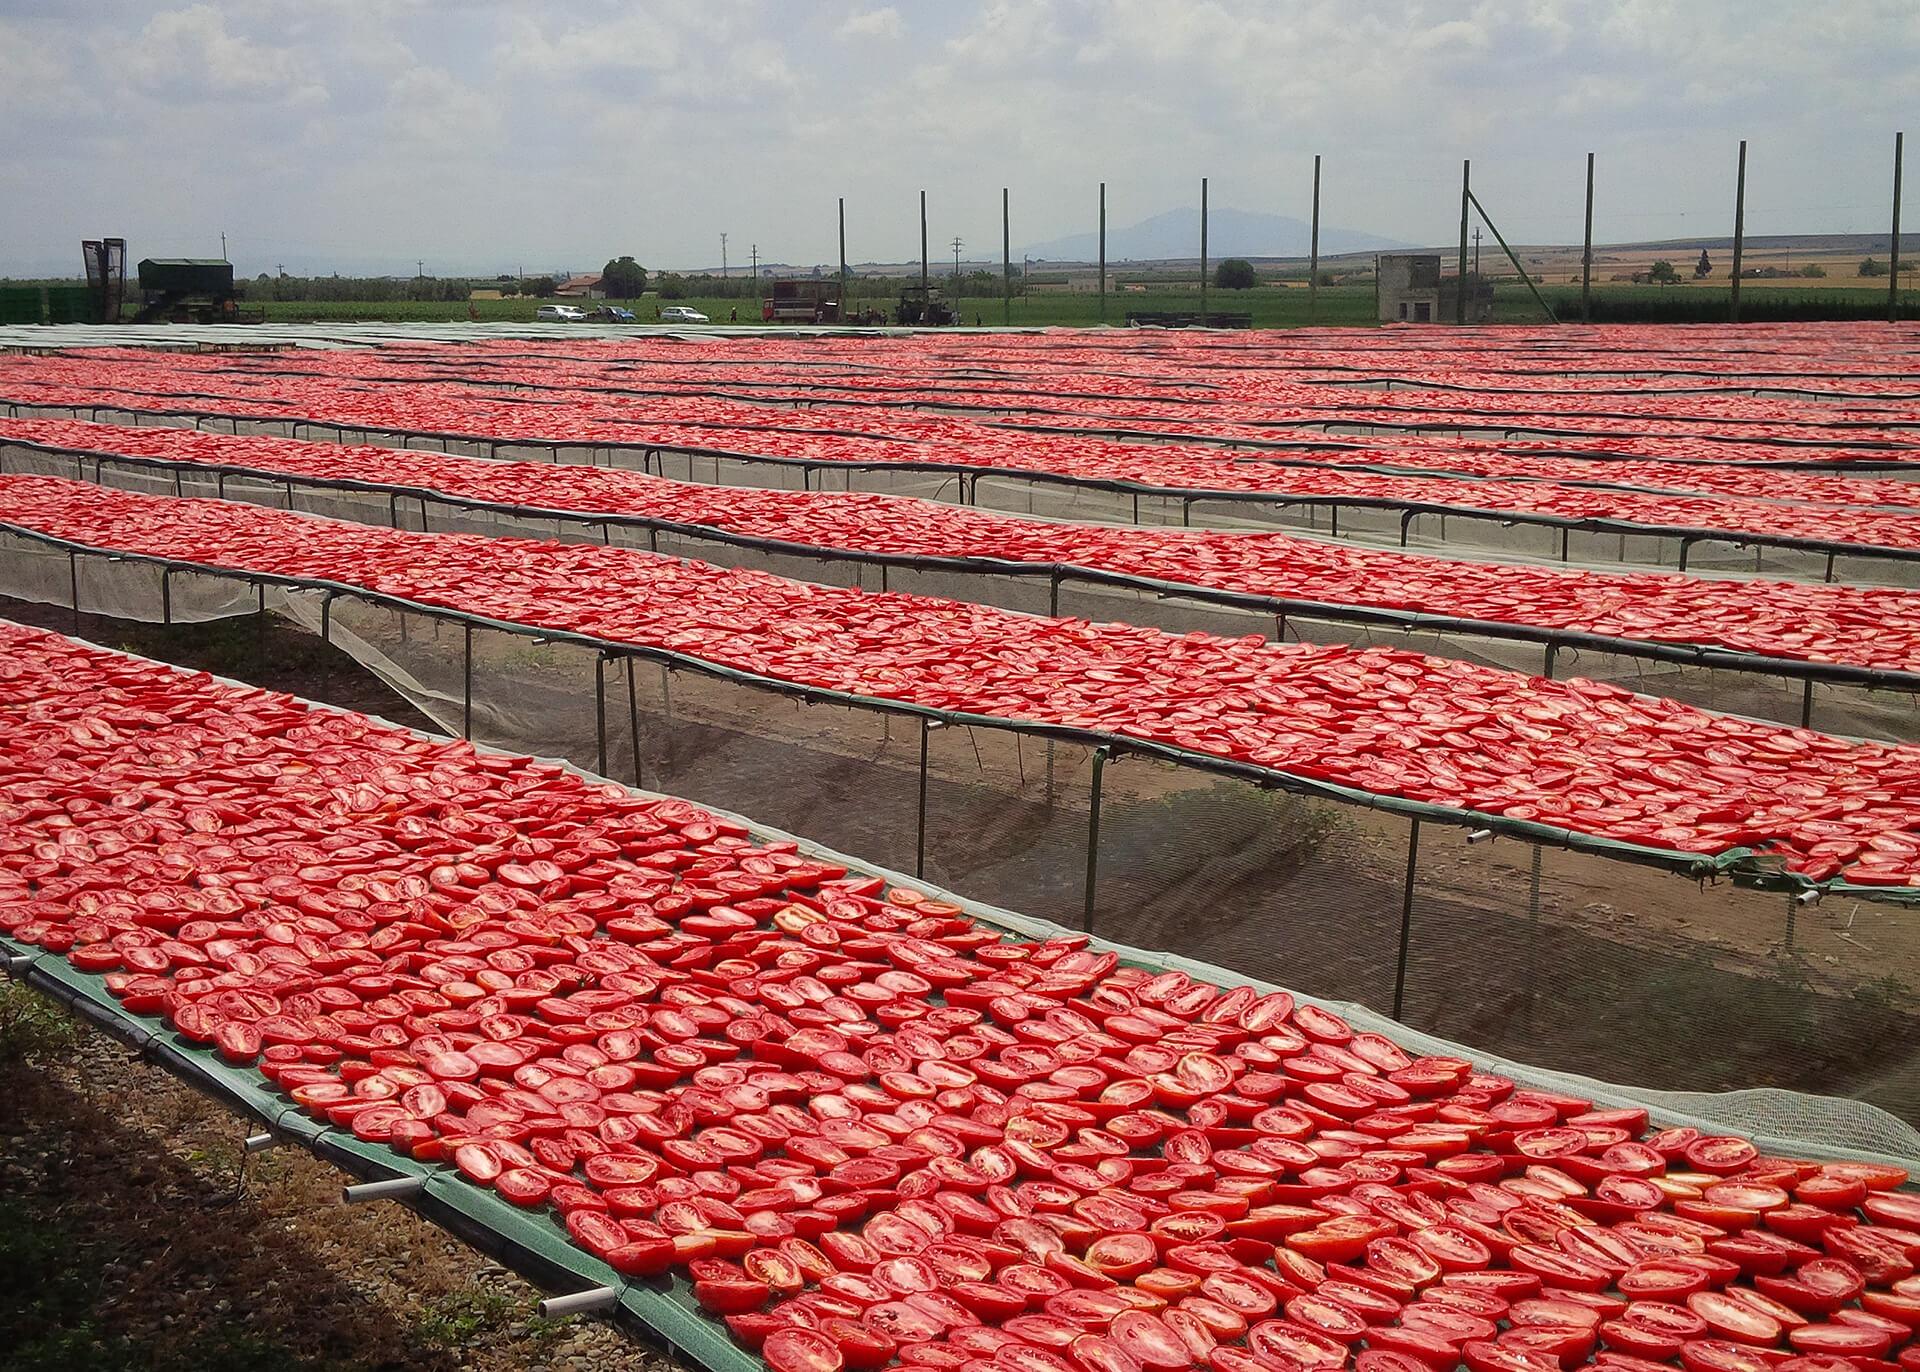 Tomaten getrocknet Produktion